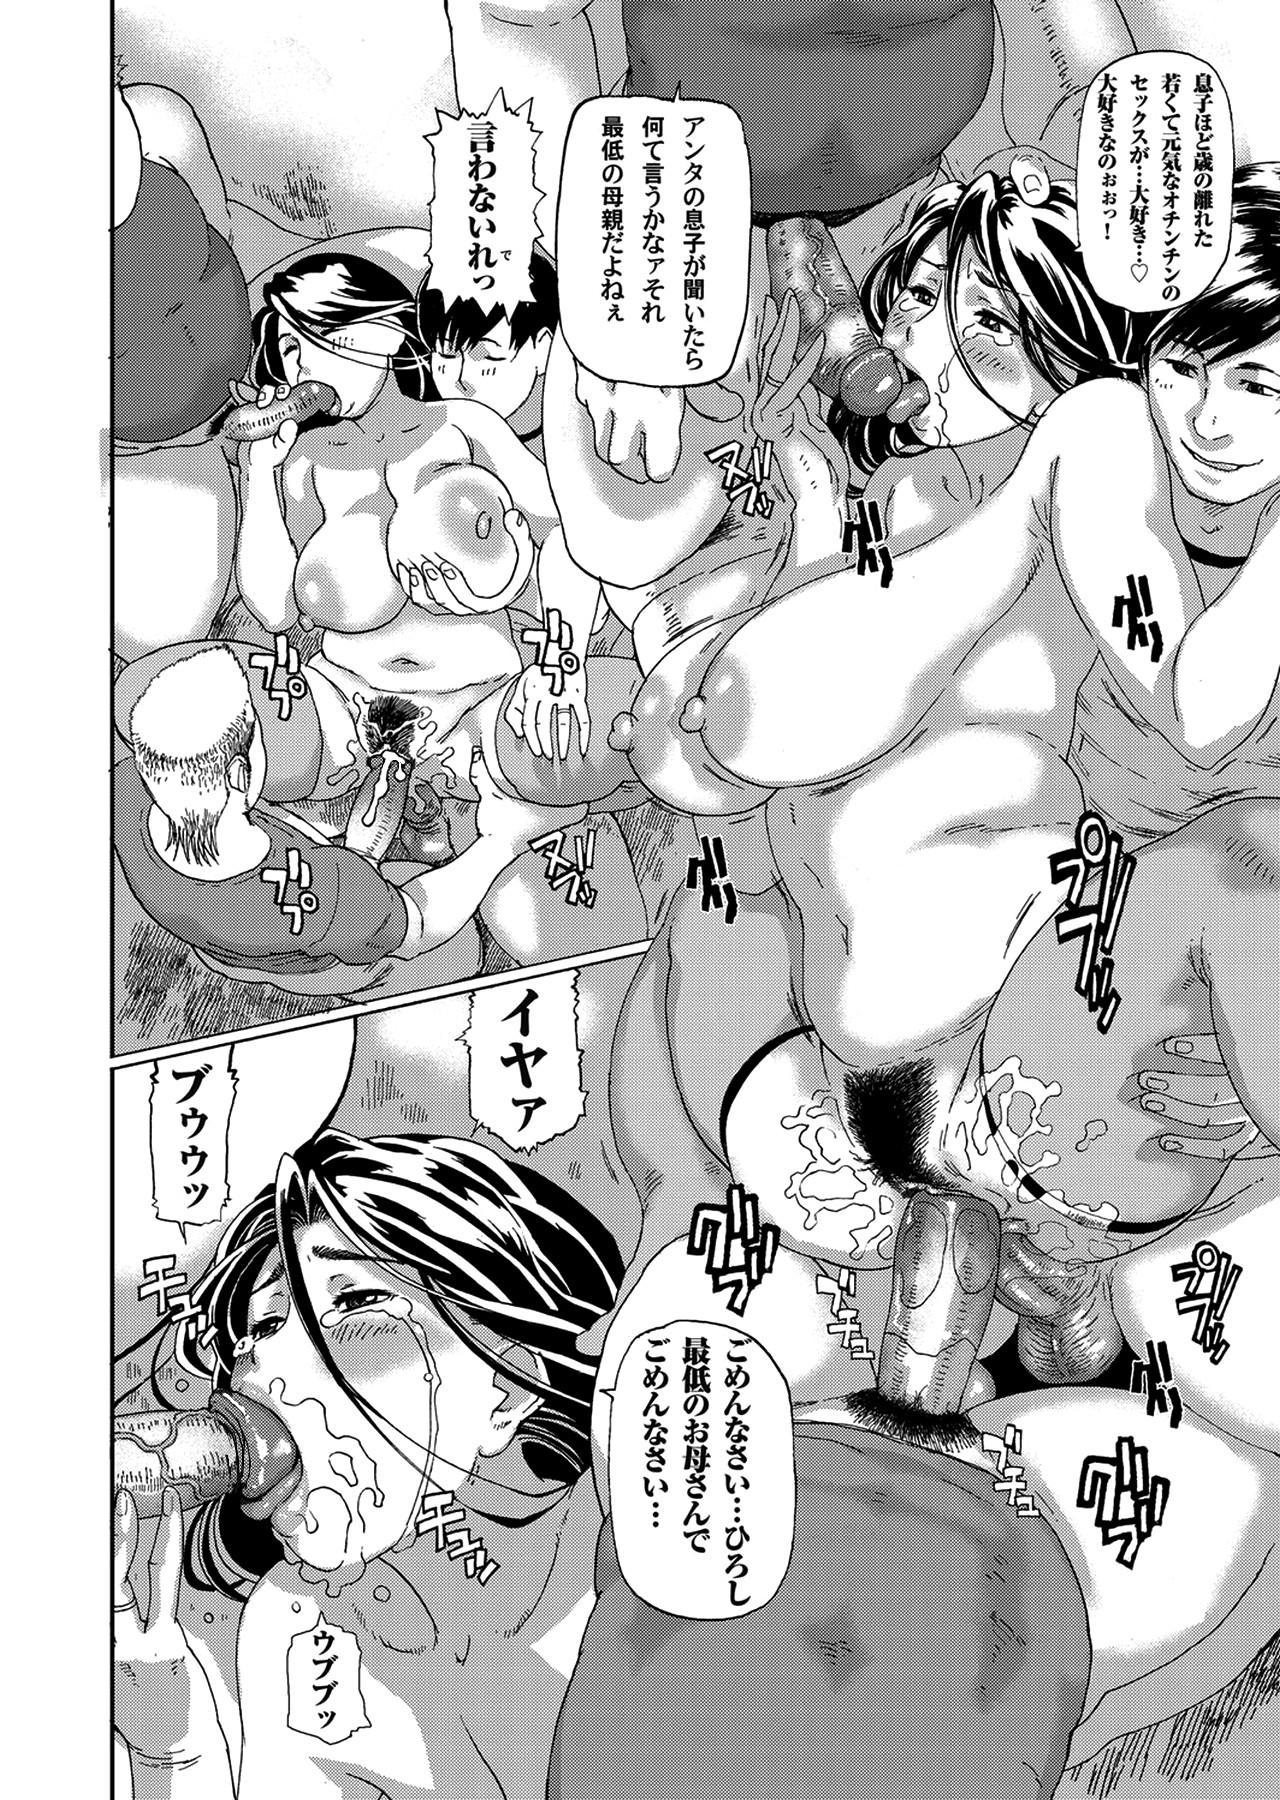 Boku no Hentai Okaa-san 17